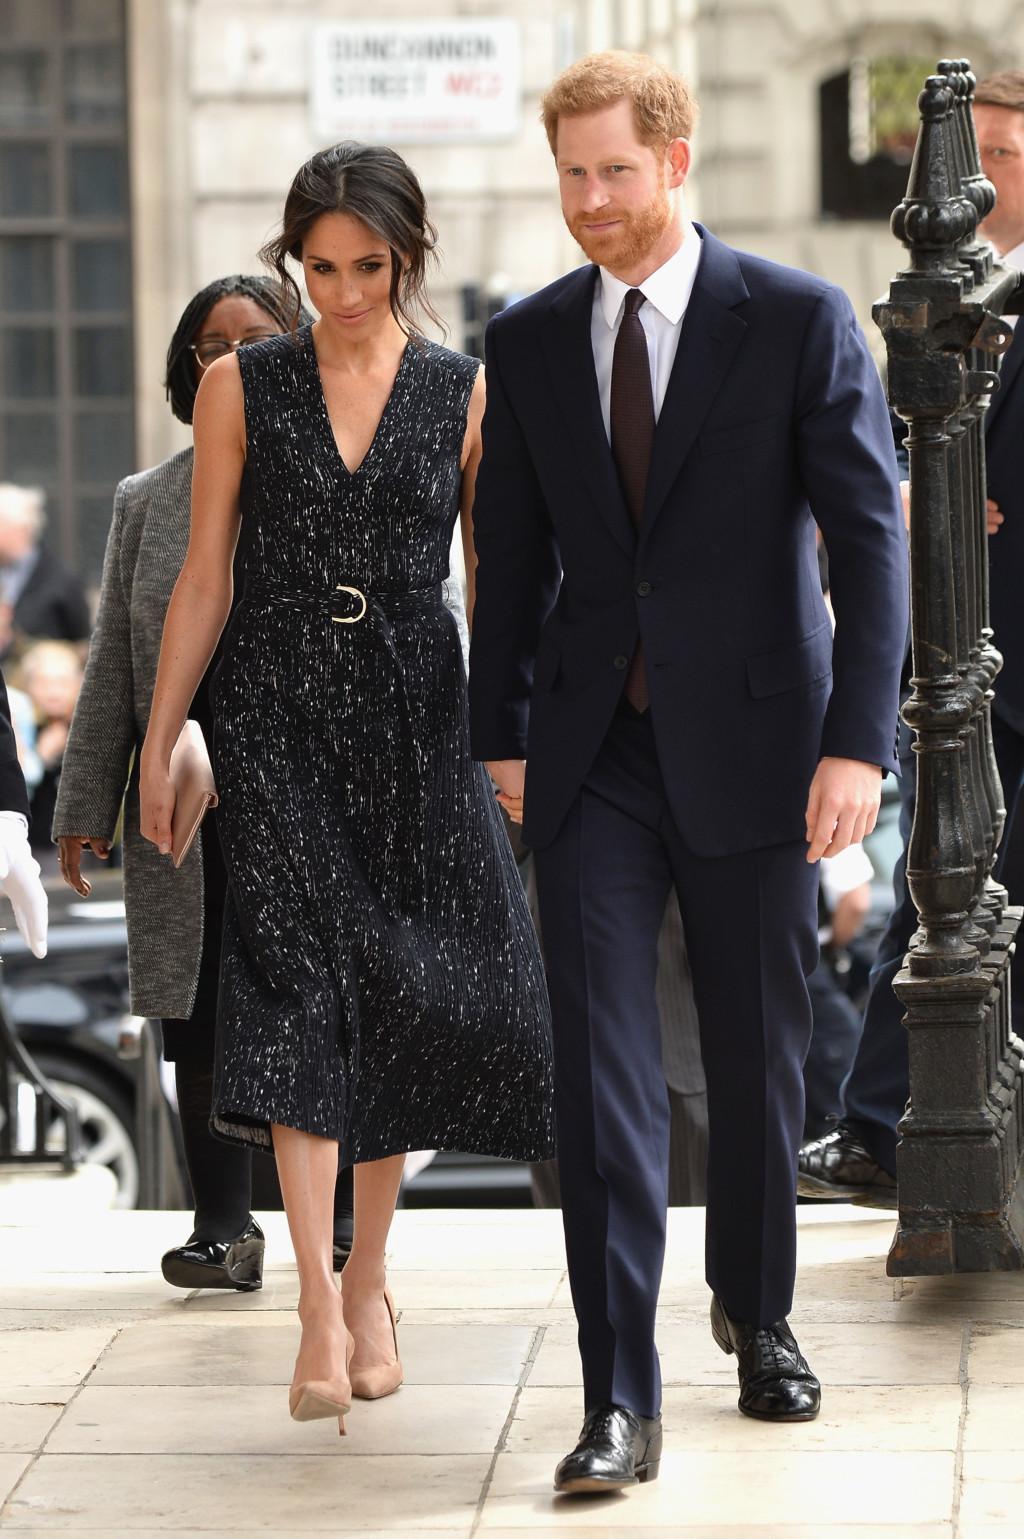 梅根「服裝問題」意見最多 女王氣炸教訓:皇室女人可以別穿得像好萊塢明星嗎?